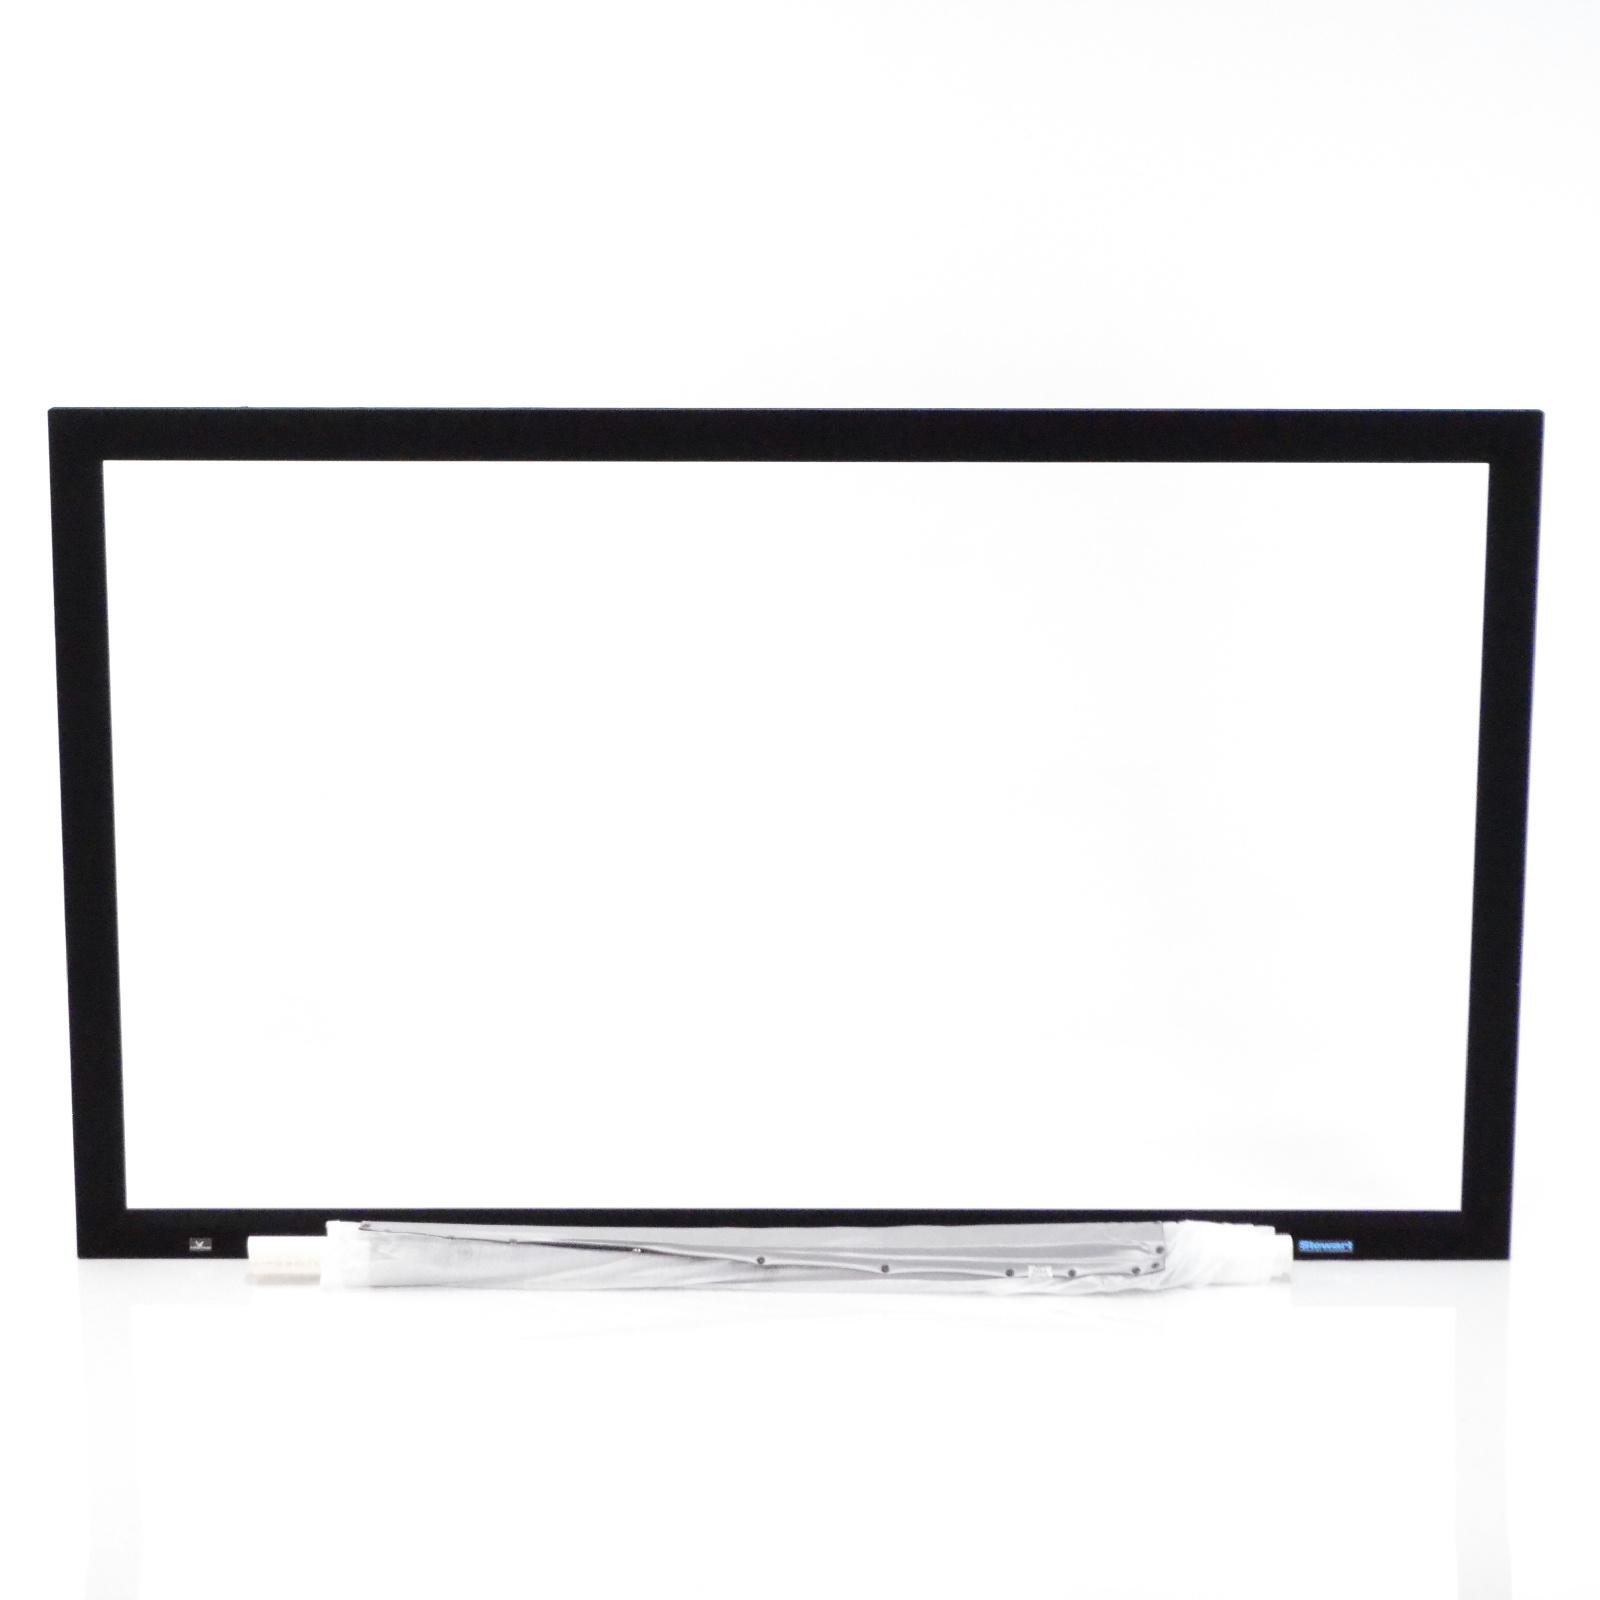 """Stewart Filmscreen Luxus Deluxe 55.5"""" x 93.5 Frame & 100"""" Firehawk Screen #33194"""